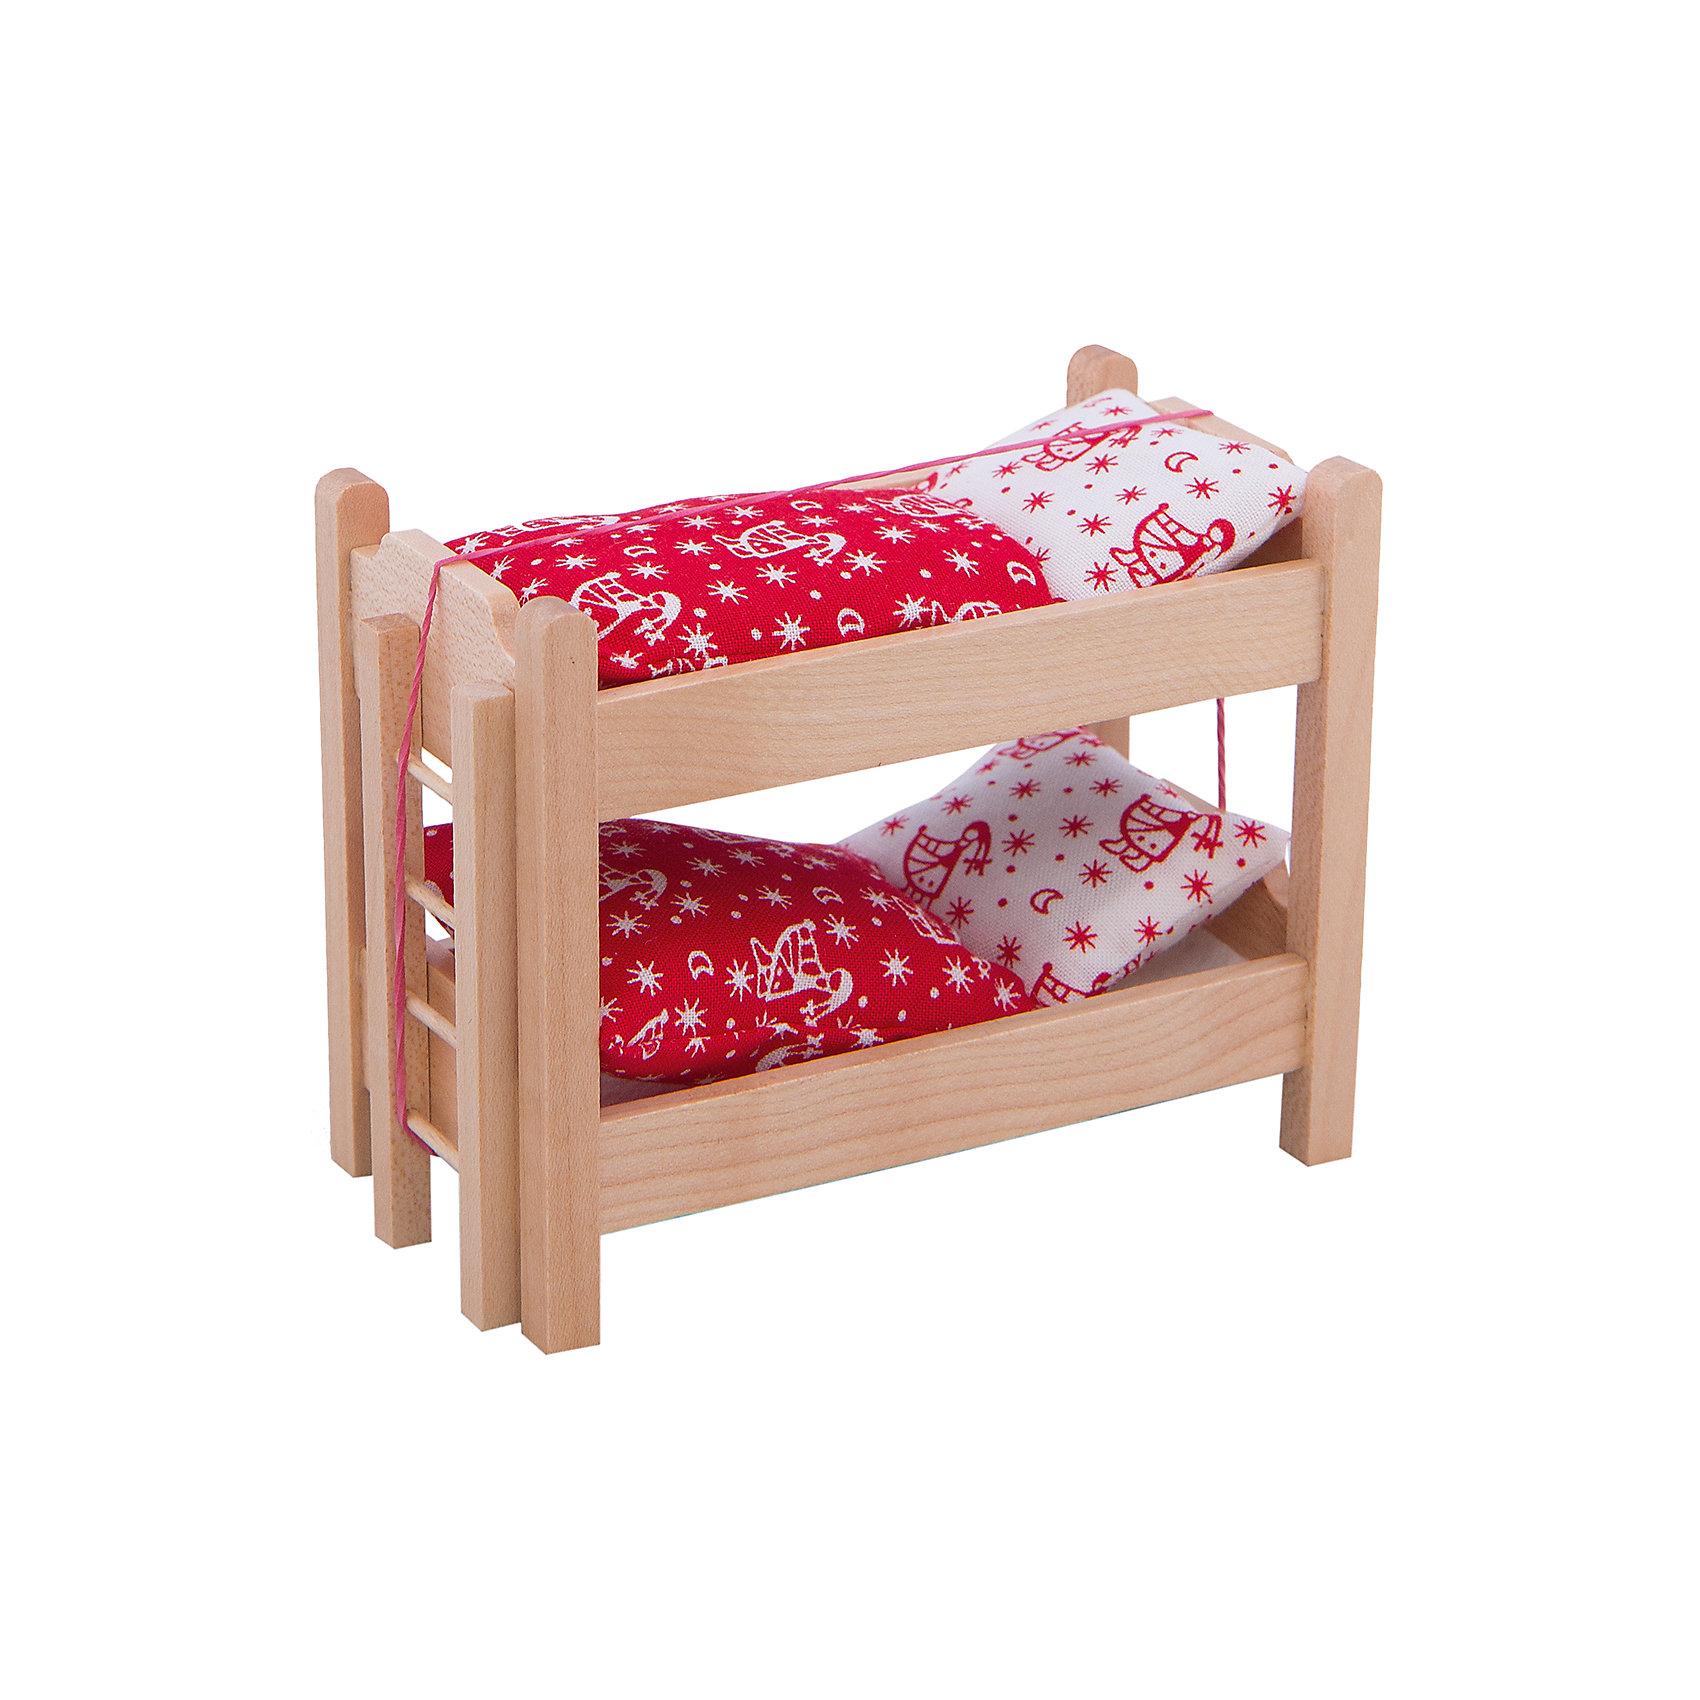 Кровать двухъярусная с аксессуарами для мини-куколКровать двухъярусная с аксессуарами для мини-кукол - прекрасная деревянная кровать для любимых пупсов, изготовленная из натурального дерева.<br>Удобная кровать с постельными принадлежностями подойдет для двух миниатюрных кукол PUPSIQUE, высотой 7 см. В двухъярусной кровати с ярким спальным комплектом белья пупсам будет комфортно спать. В набор входит лесенка, которая поможет пупсу забраться на верхний ярус. Каждый вечер ваша девочка сможет укладывать спать своих любимых мини-кукол в эту прекрасную кровать. При создании кукол PUPSIQUE и аксессуаров к ним используются исключительно качественные материалы. Вся мебель для кукол PUPSIQUE изготавливается на фабрике в Германии. В производстве кукольной мебели используются качественные породы бука и клена. Маленький размер игрушек позволяет играть в абсолютно любом месте, их удобно брать с собой на занятия или увлекательно проводить время в дороге во время путешествий.<br><br>Дополнительная информация:<br><br>- В комплекте: двухъярусная кровать, лестница, постельные принадлежности<br>- Материал: древесина, текстиль<br>- Размер упаковки: 11,5 х 6,5 х 9,5 см.<br>- Вес: 400 гр.<br><br>Кровать двухъярусную с аксессуарами для мини-кукол можно купить в нашем интернет-магазине.<br><br>Ширина мм: 115<br>Глубина мм: 65<br>Высота мм: 95<br>Вес г: 400<br>Возраст от месяцев: 36<br>Возраст до месяцев: 192<br>Пол: Женский<br>Возраст: Детский<br>SKU: 4344924